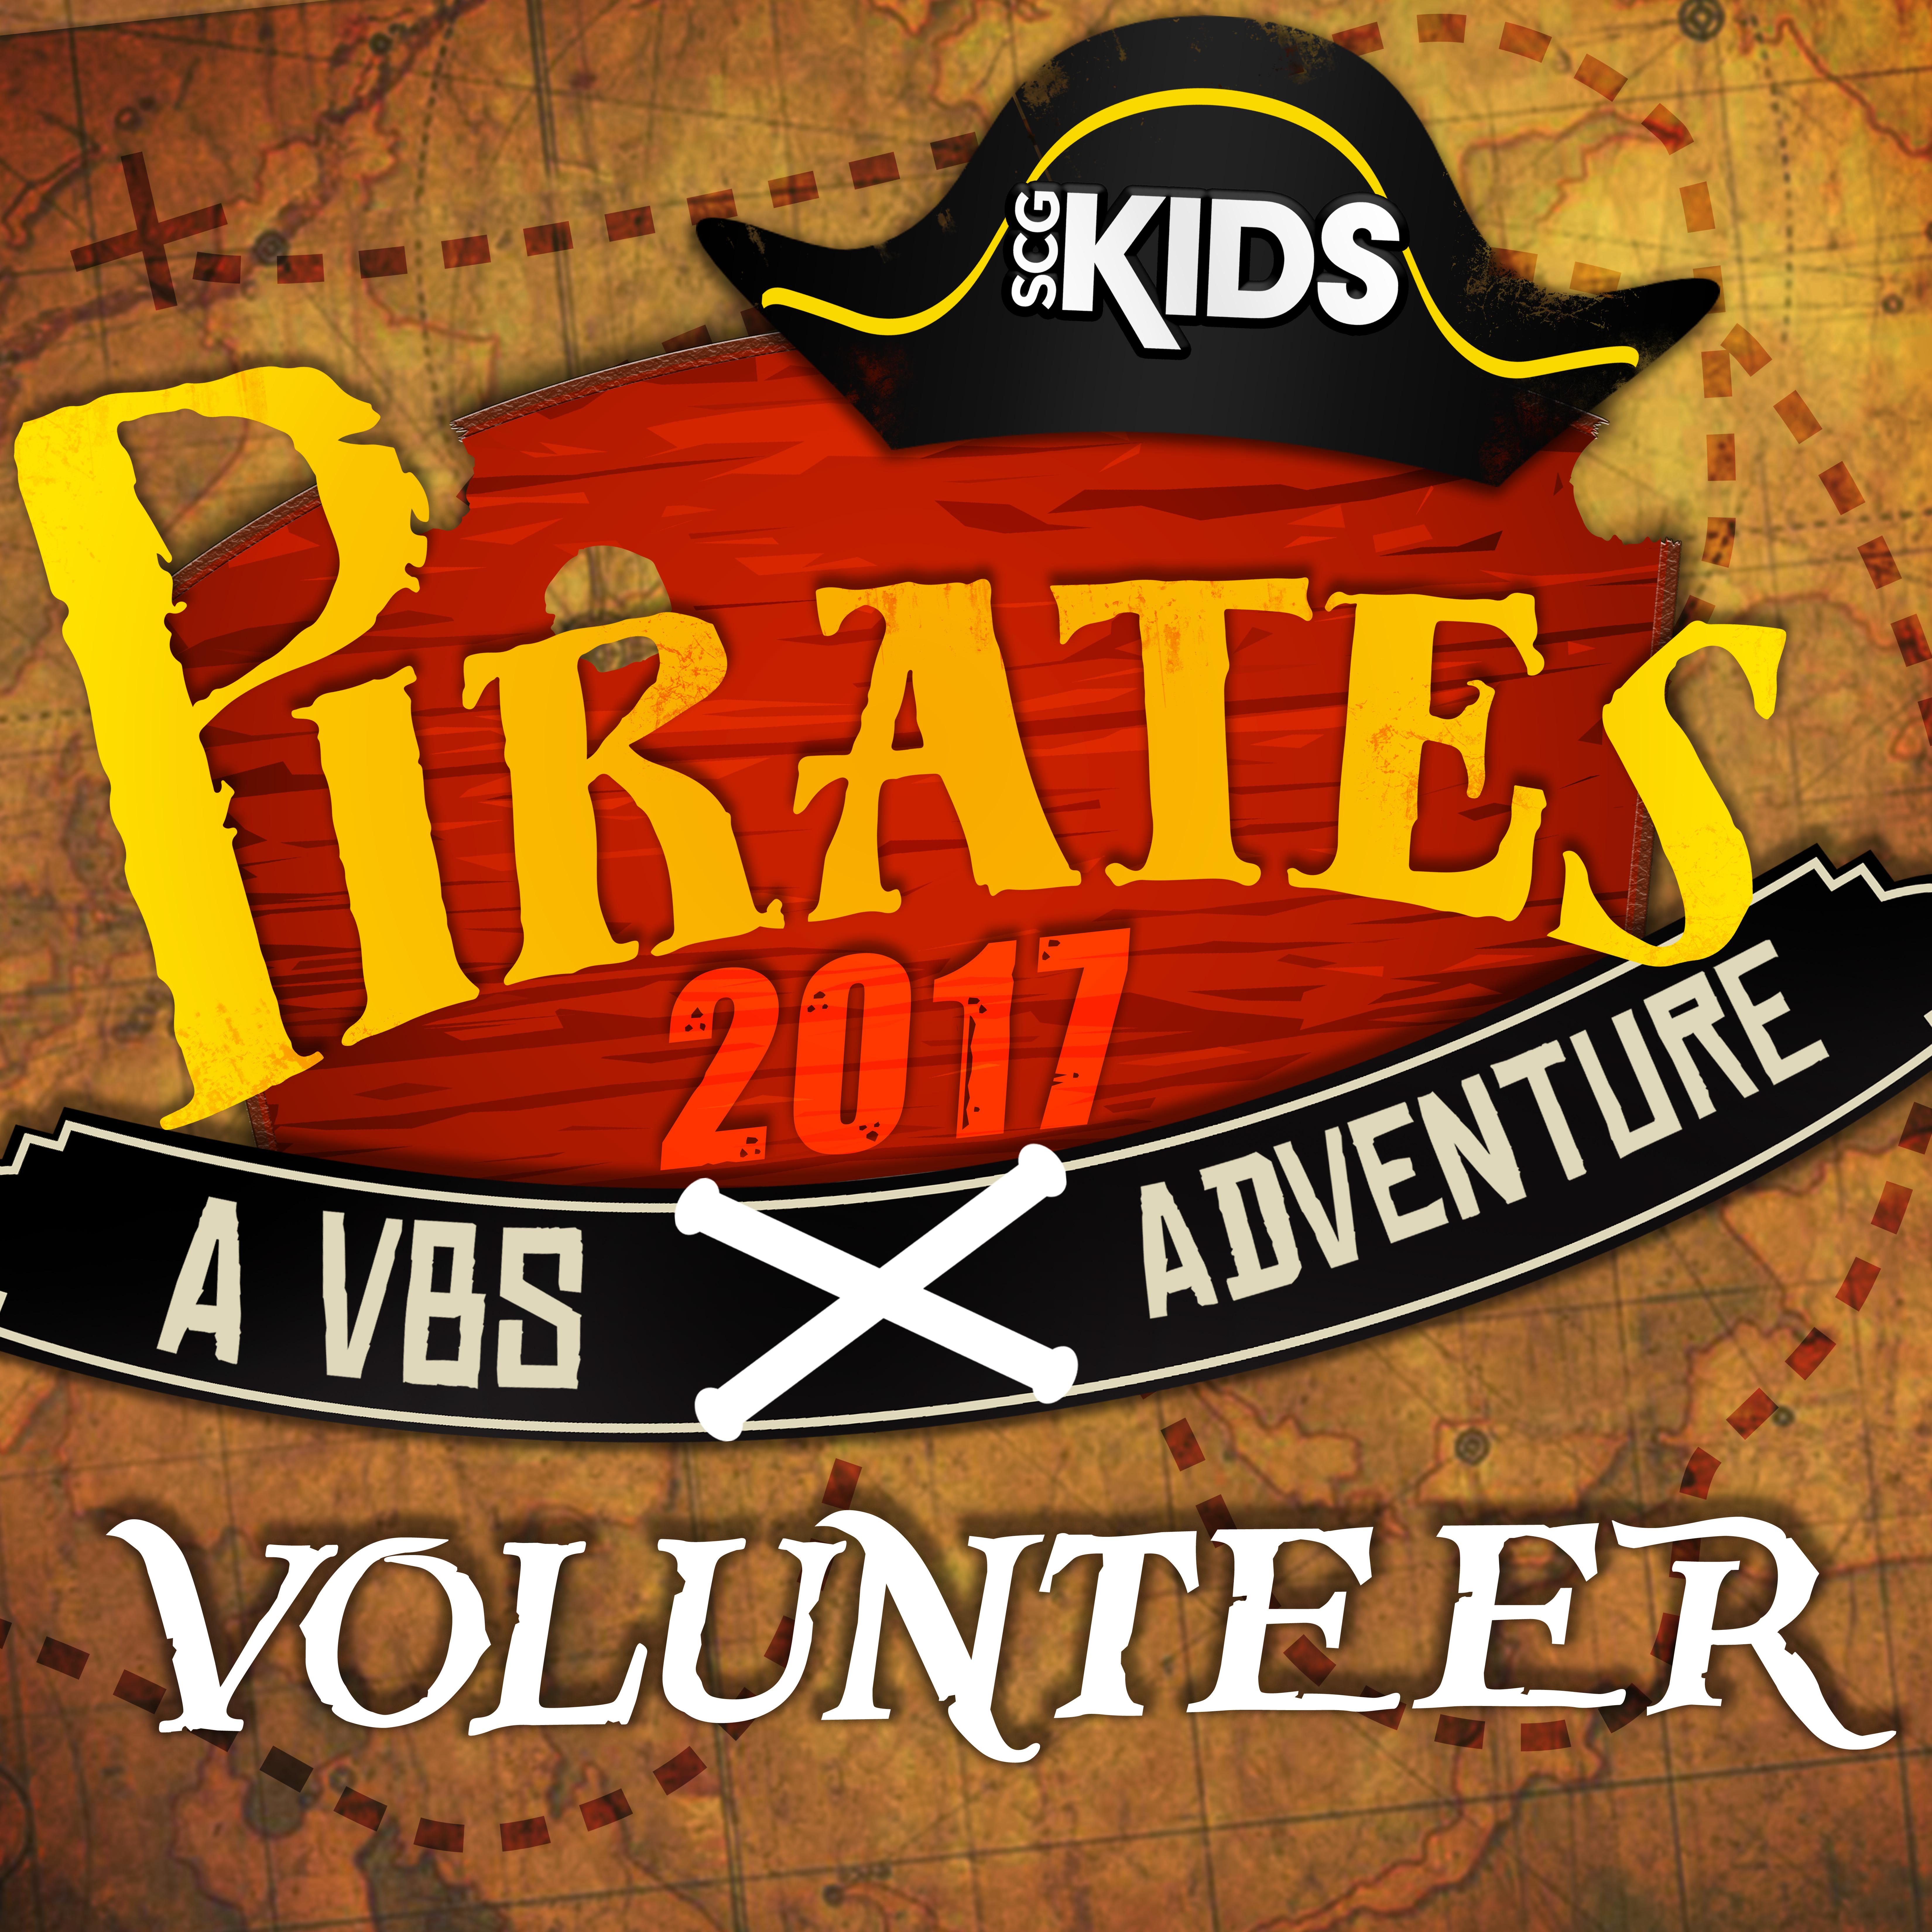 Vbs 17 volunteer